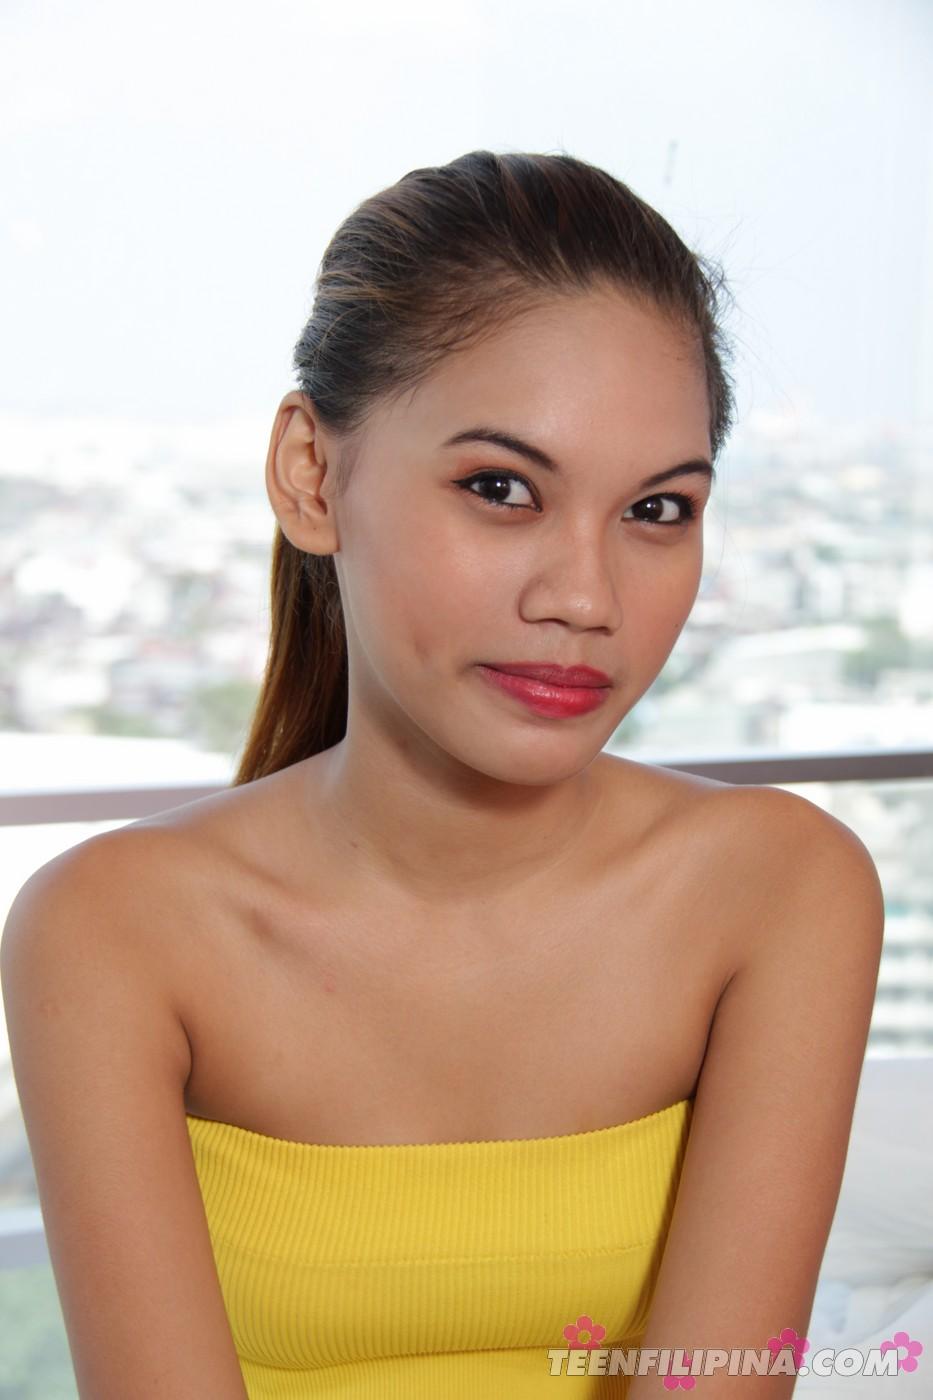 little nudist girl filipina